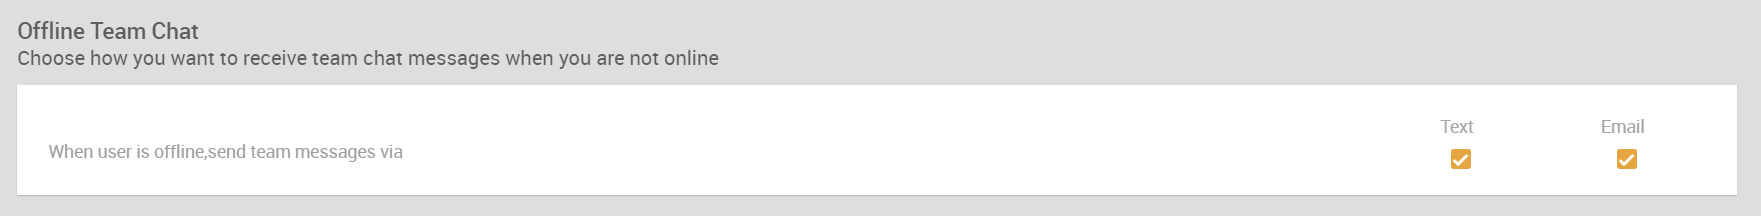 Offline Team Chat